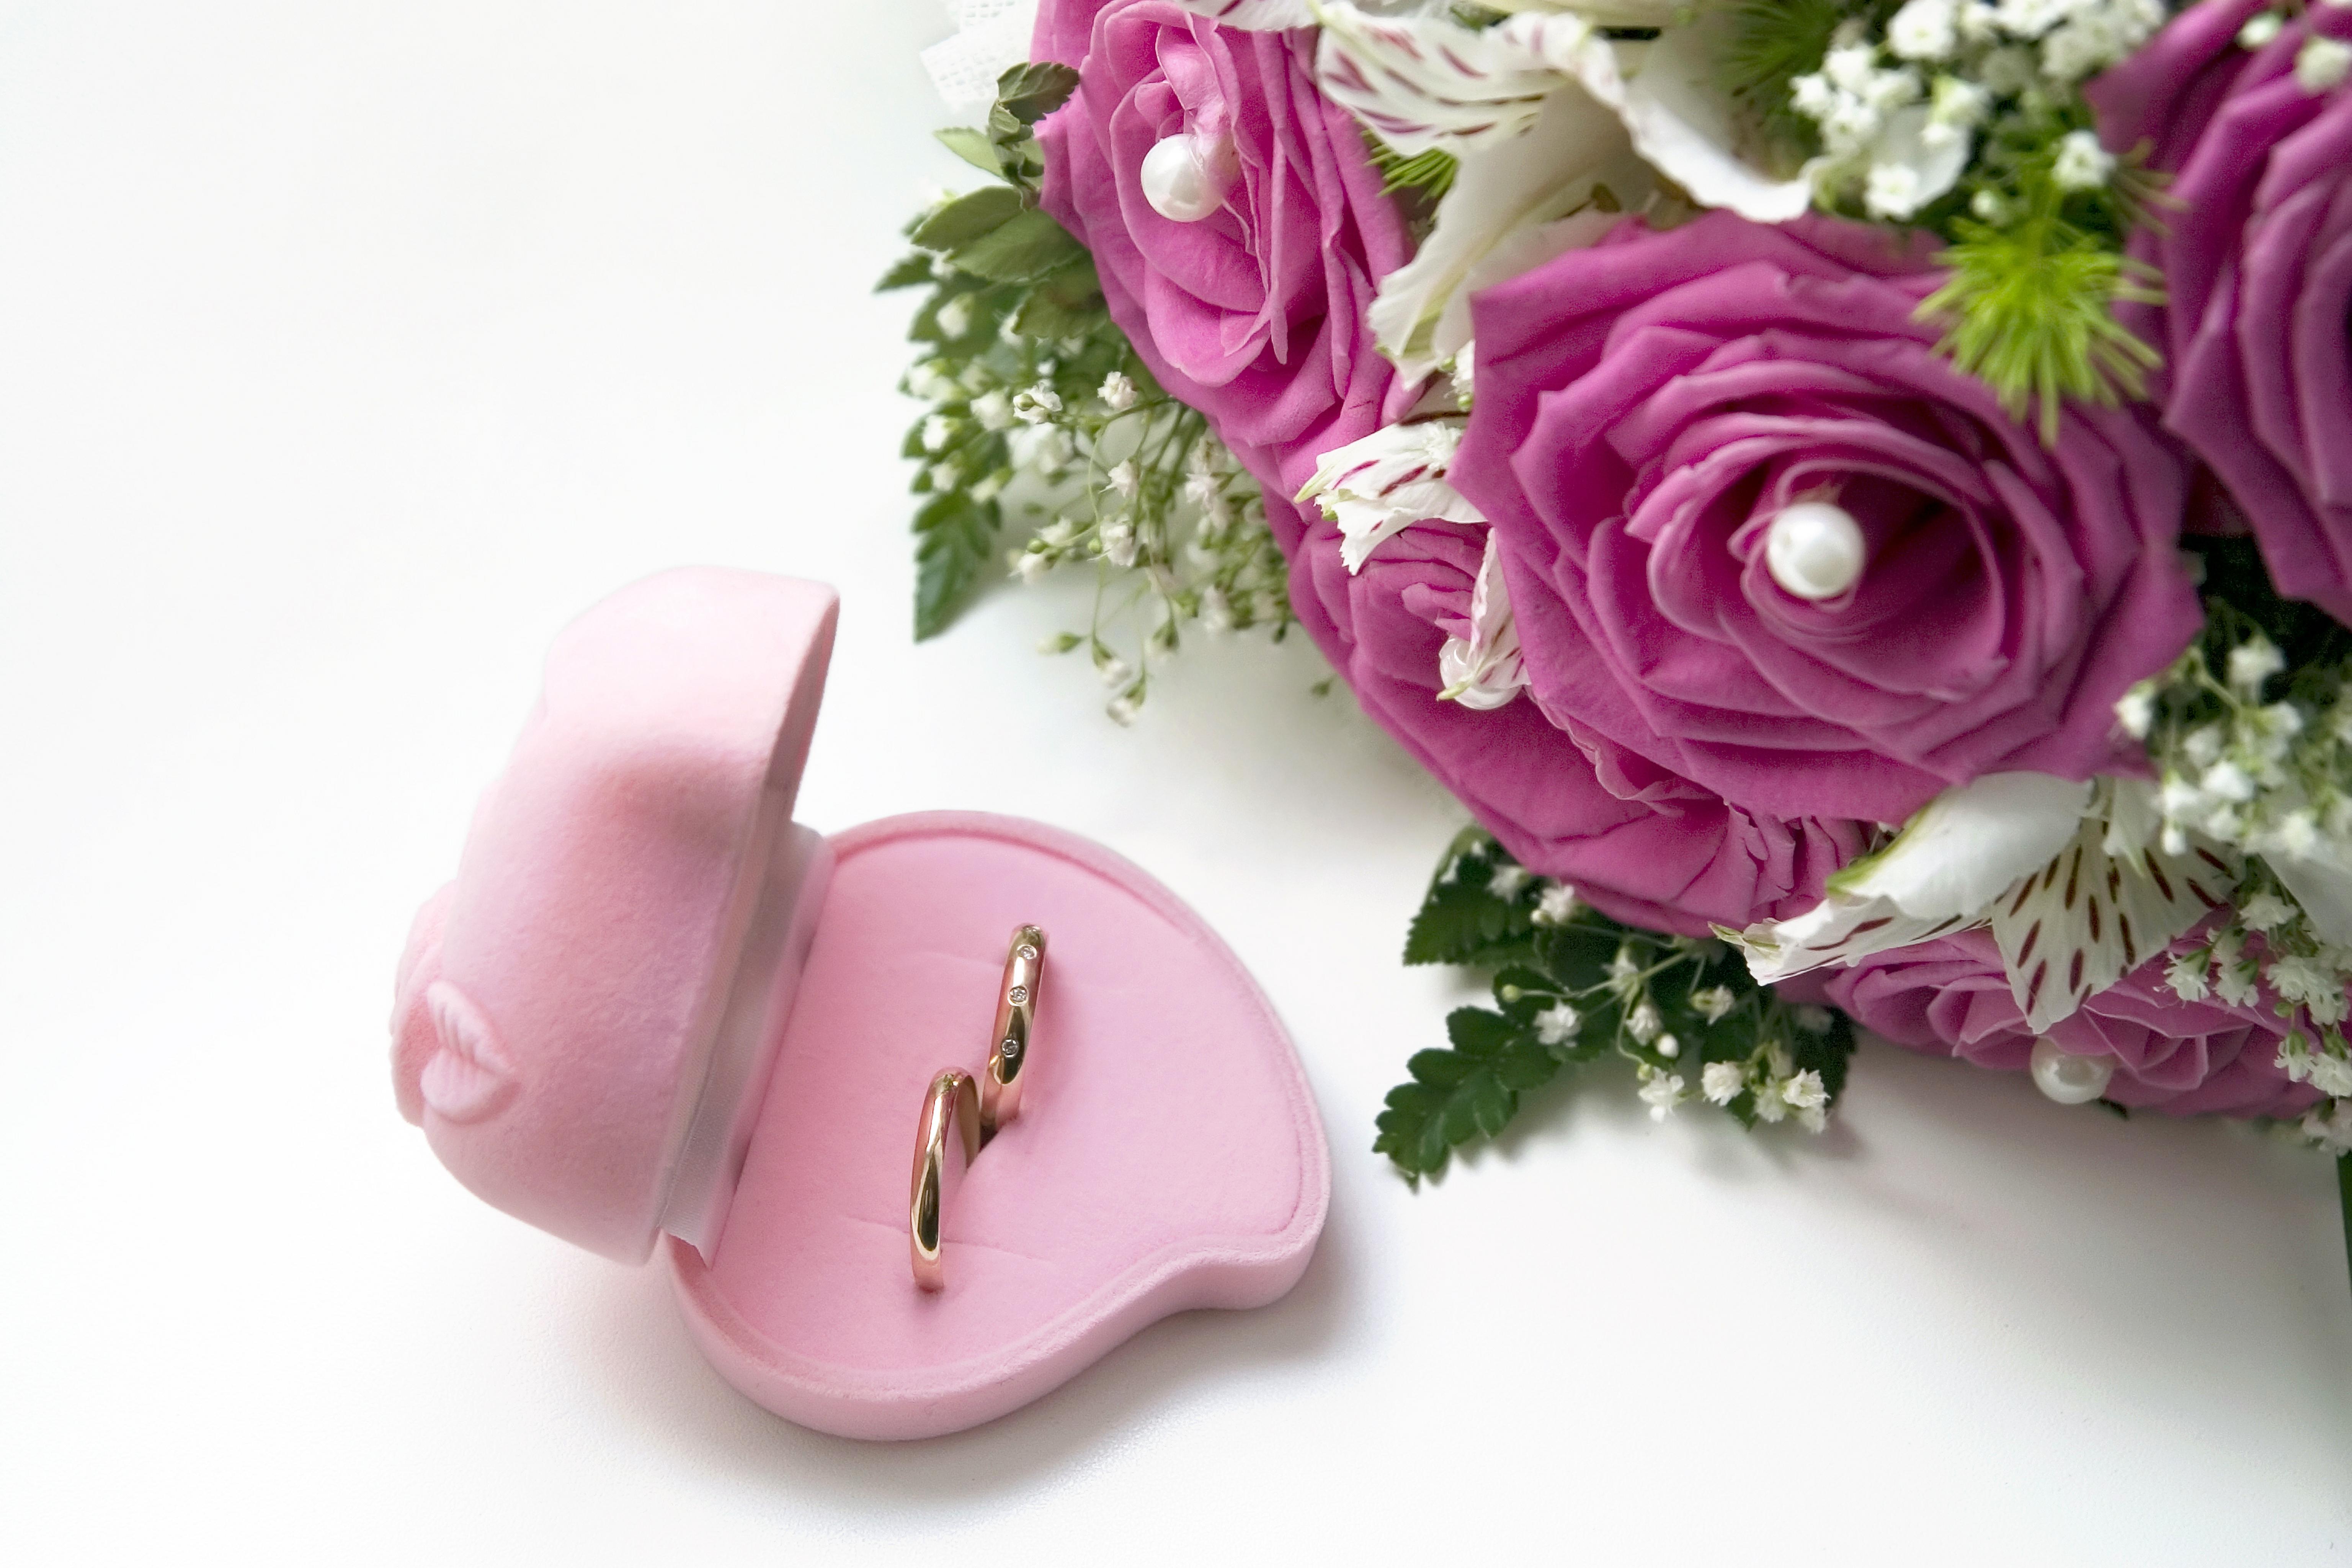 Фото букет цветов и кольцо, каталог магазины краснодар